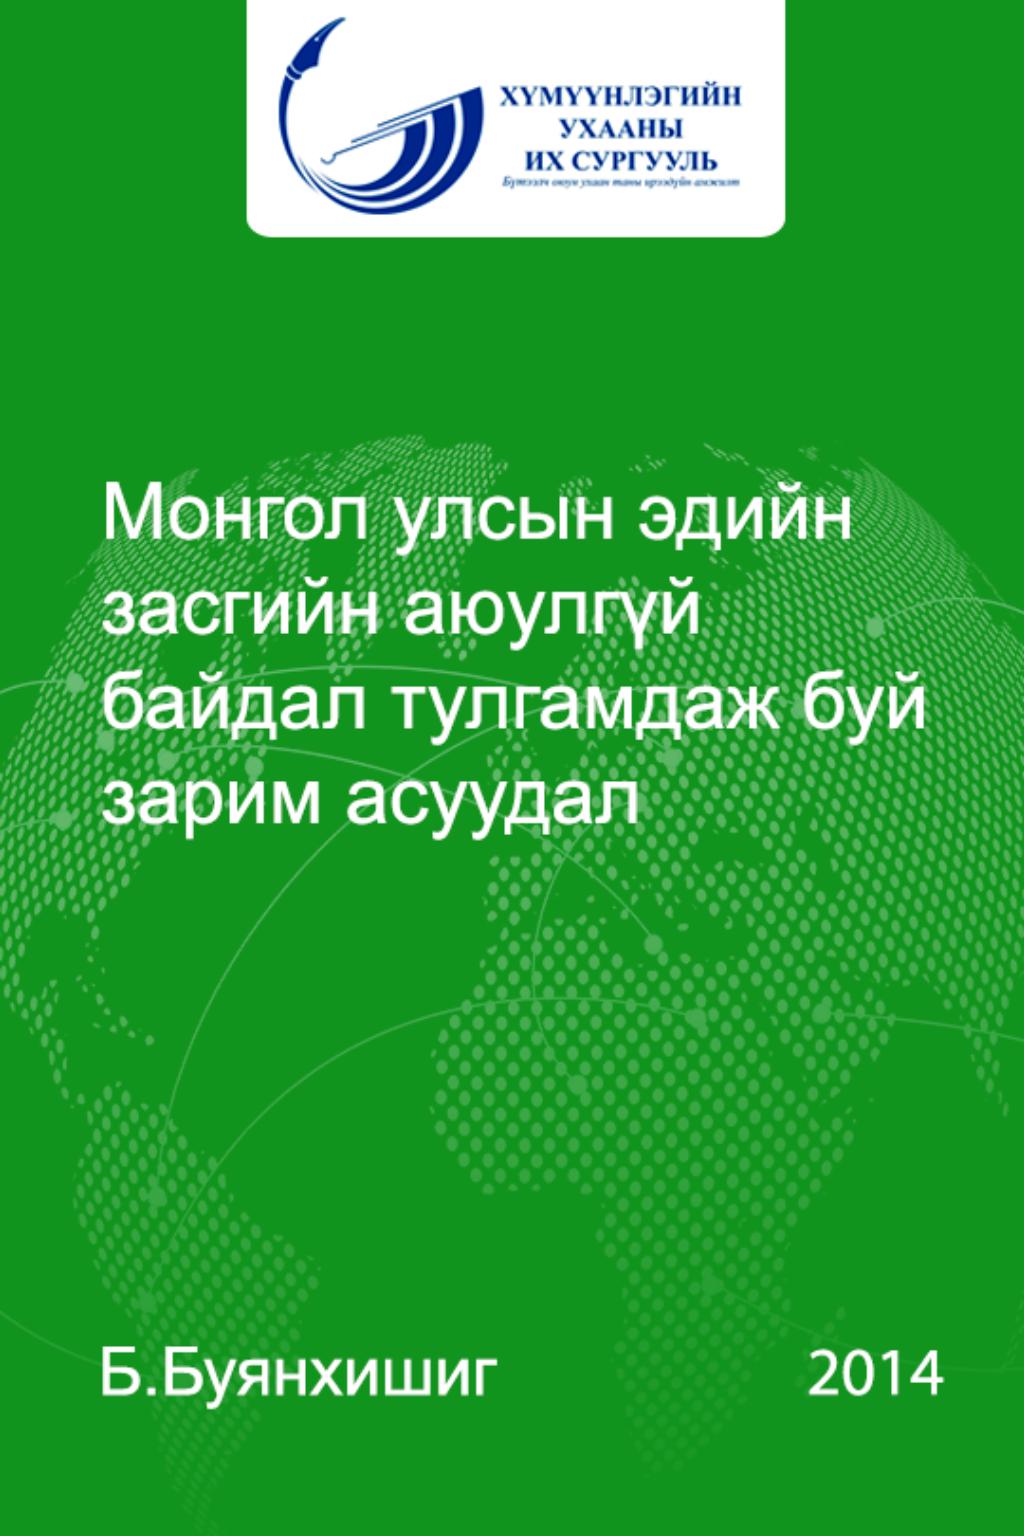 Монгол улсын эдийн засгийн аюулгүй байдал тулгамдаж буй зарим асуудал